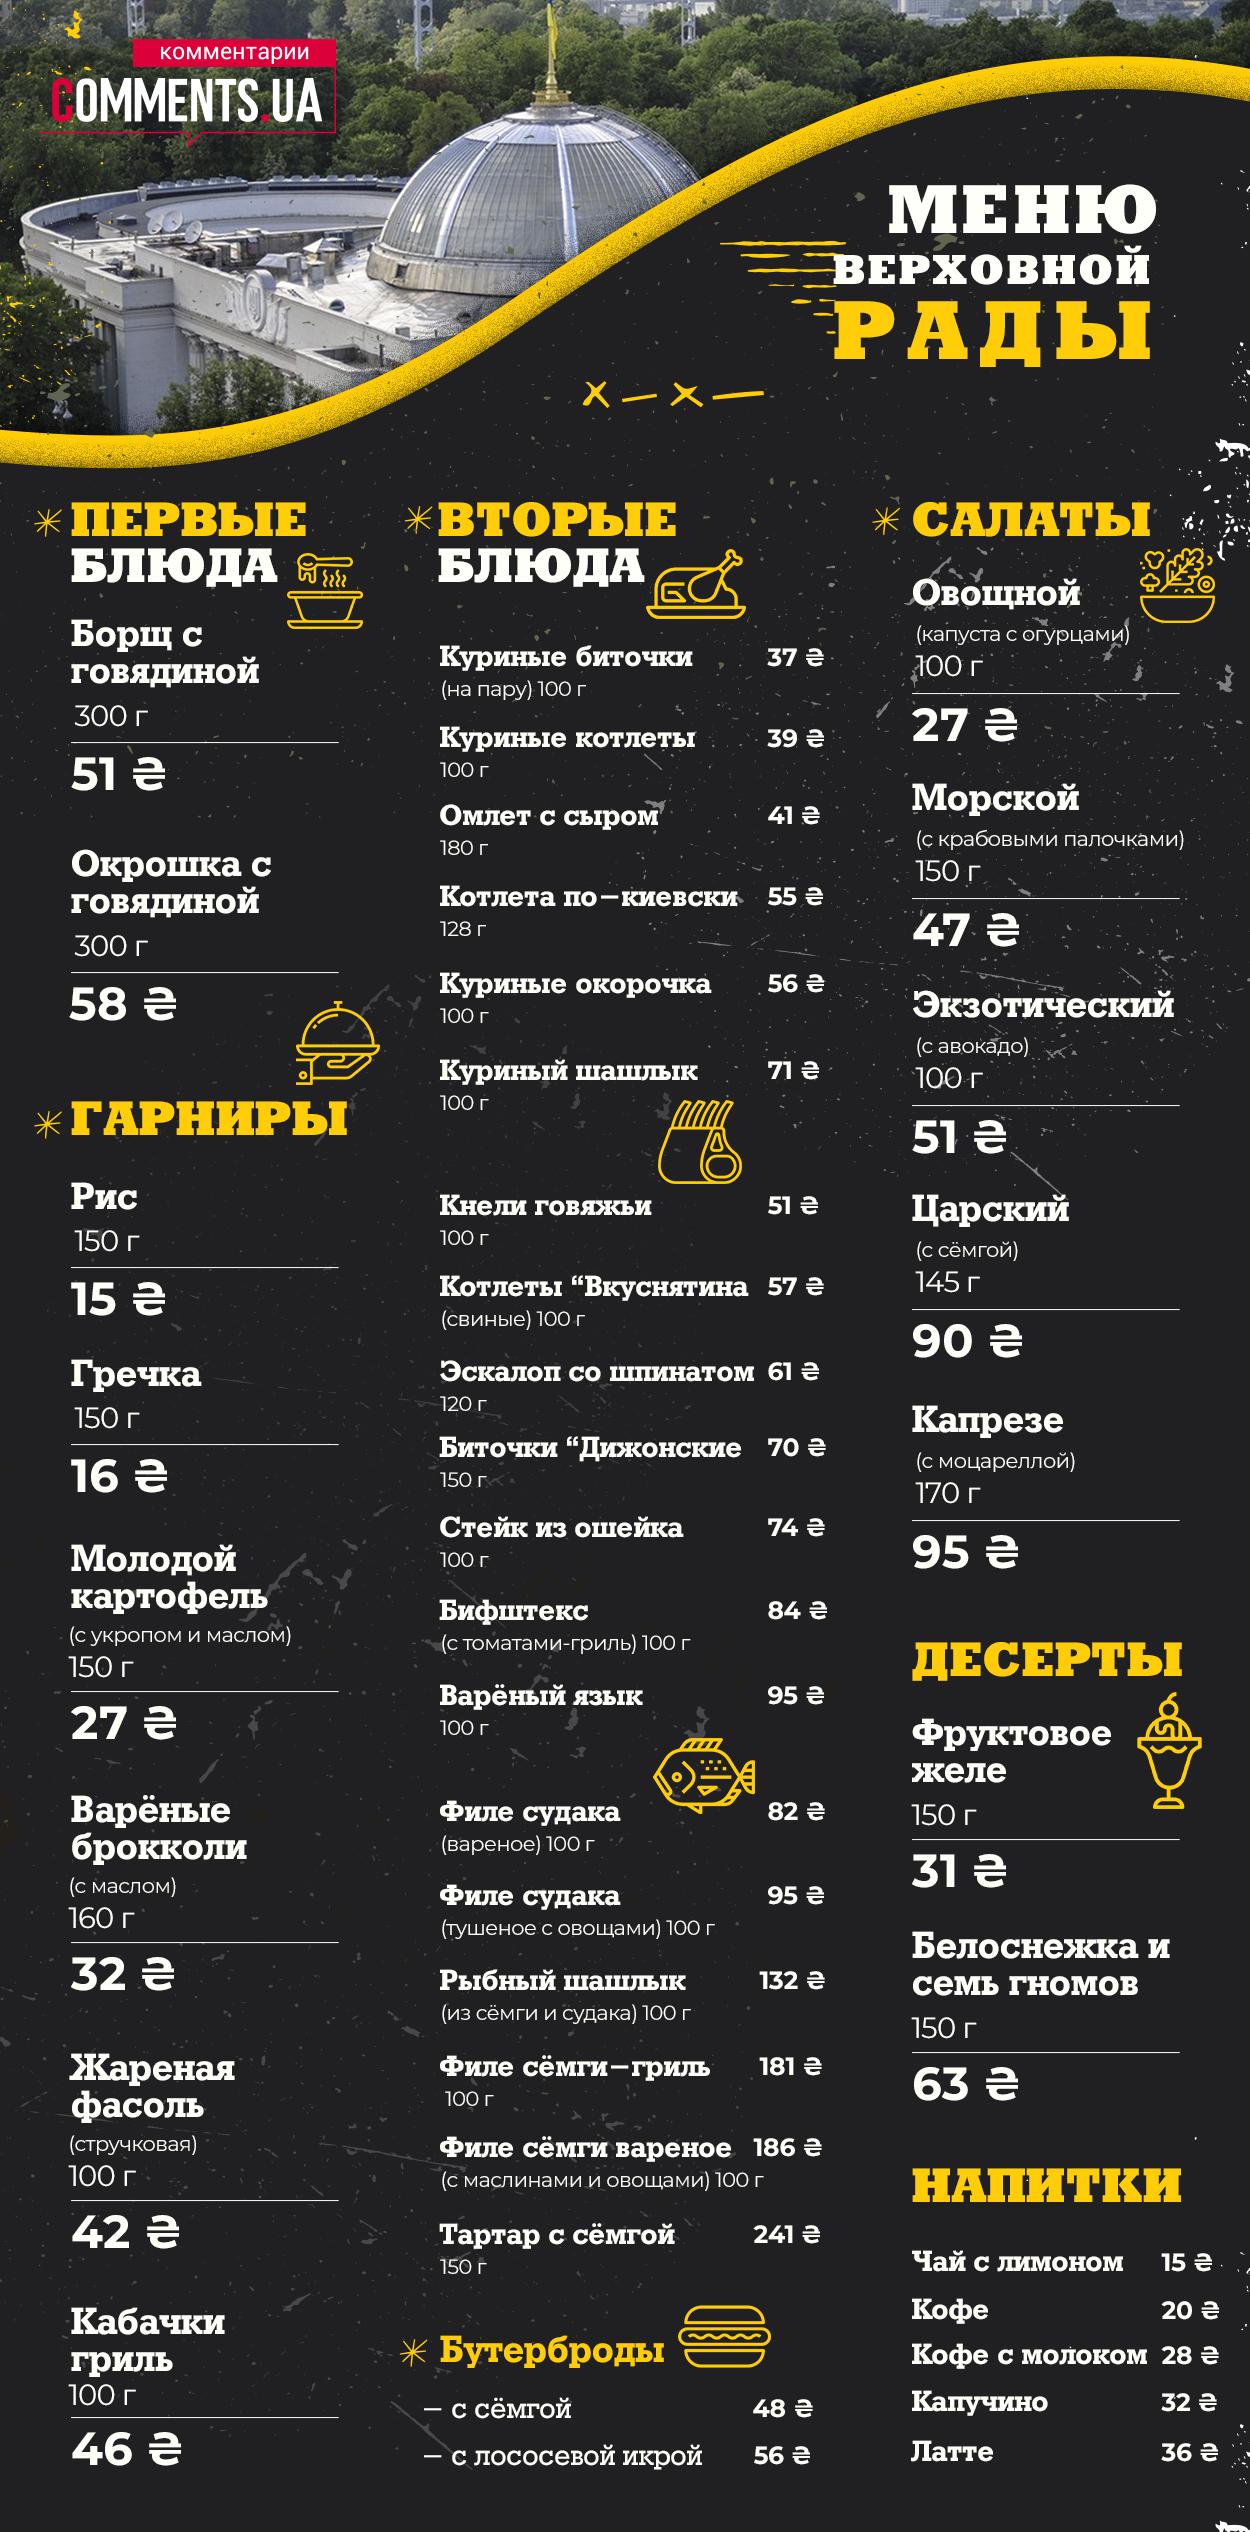 Депутатський обід: які ціни пропонує їдальня Верховної Ради - фото 2